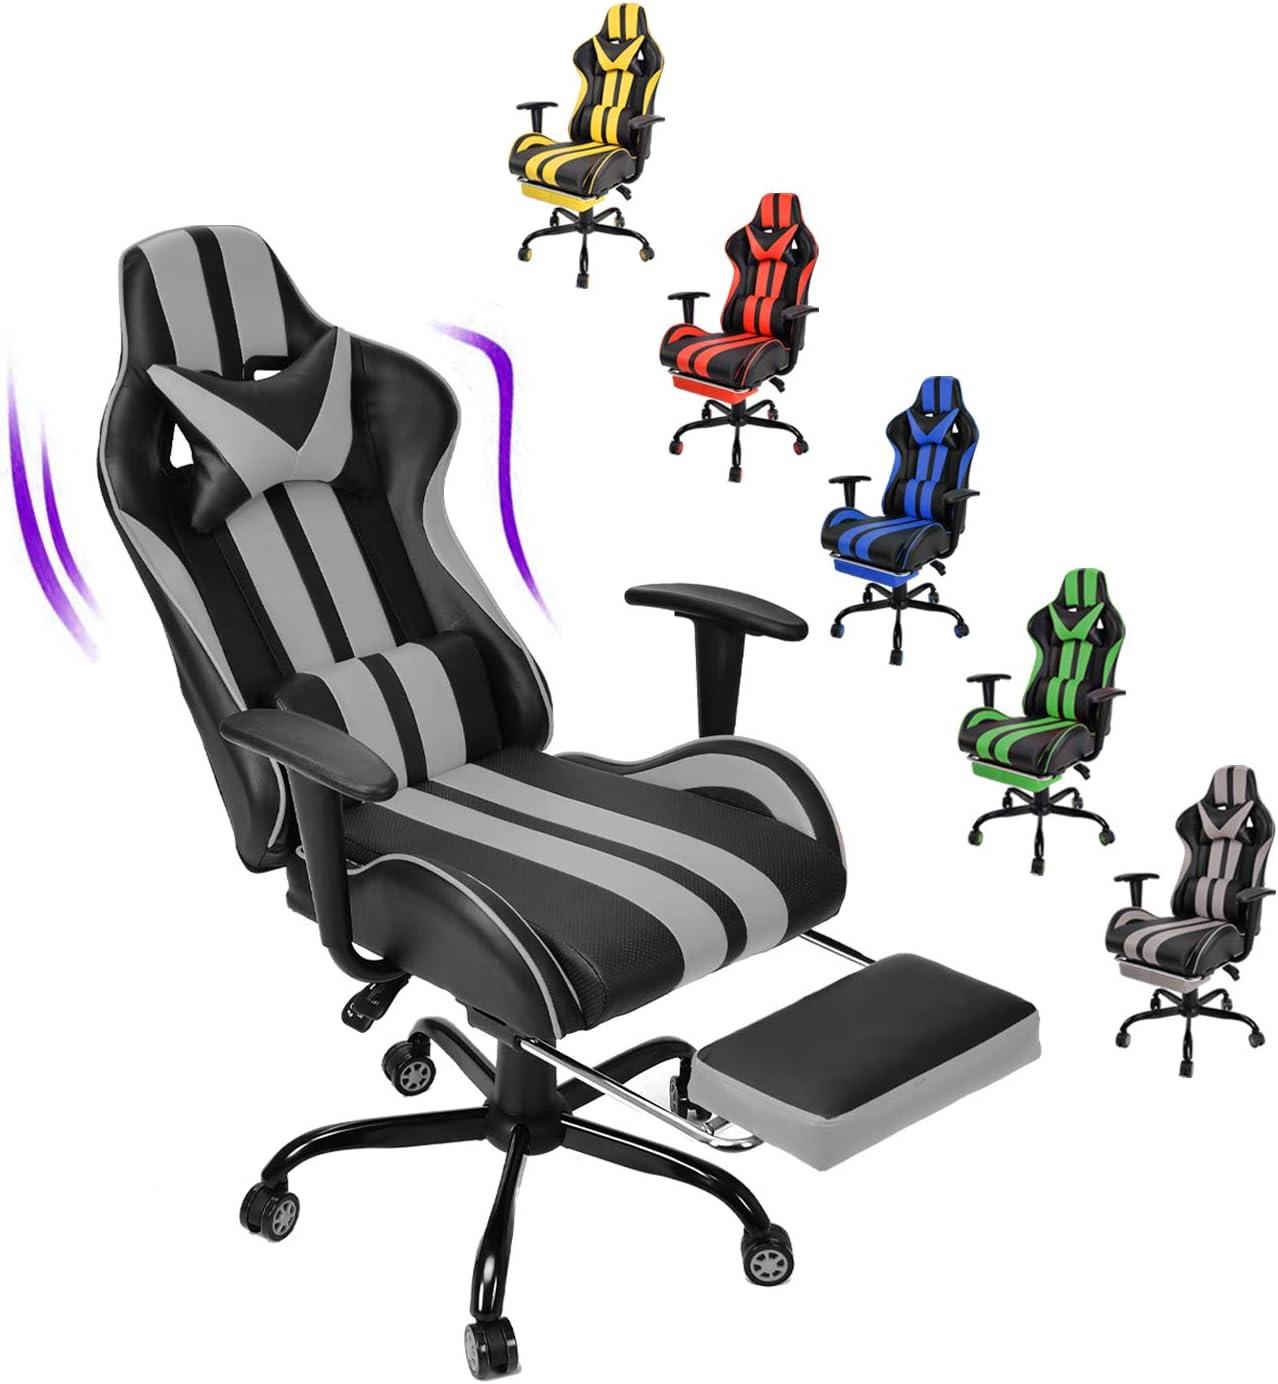 Grigio Soontrans Sedia Gaming con Poggiapiedi Sedia da Ufficio Poltrona da Gioco Ergonomica Girevole con poggiatesta e Cuscino Lombare